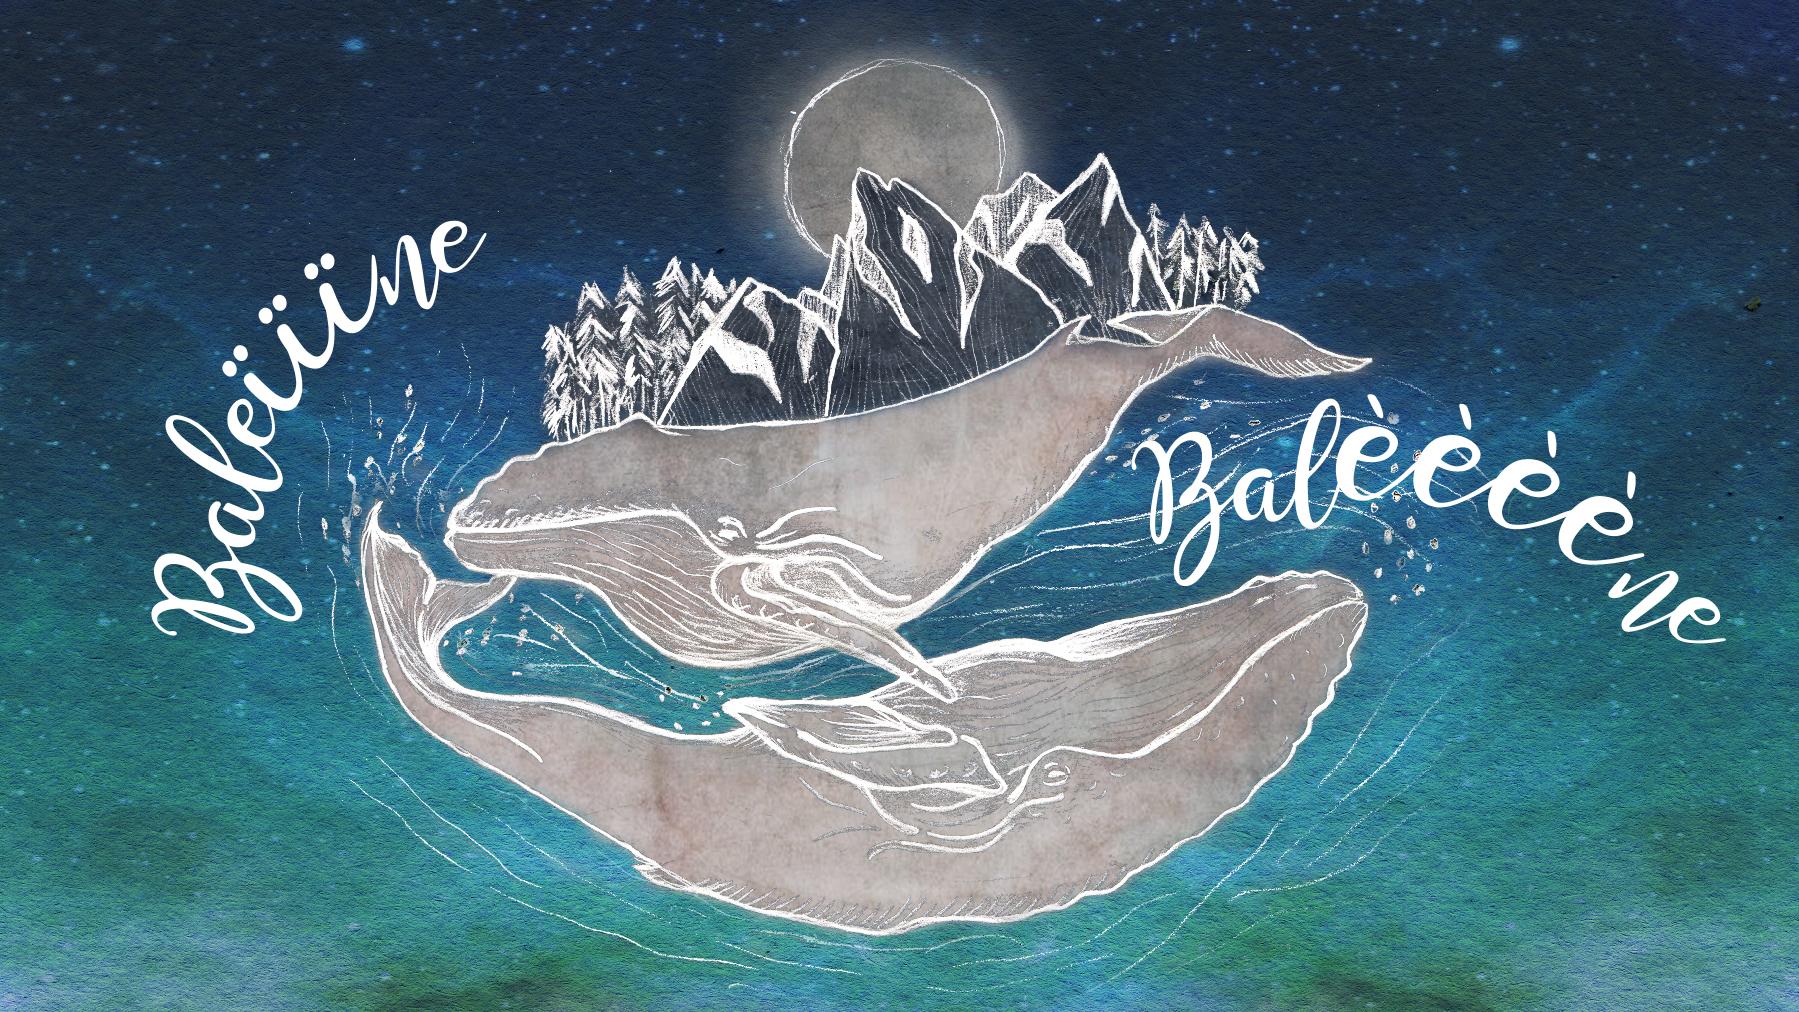 Au Québéc, le mot baleine se prononce bien différemment selon la région où l'on se trouve